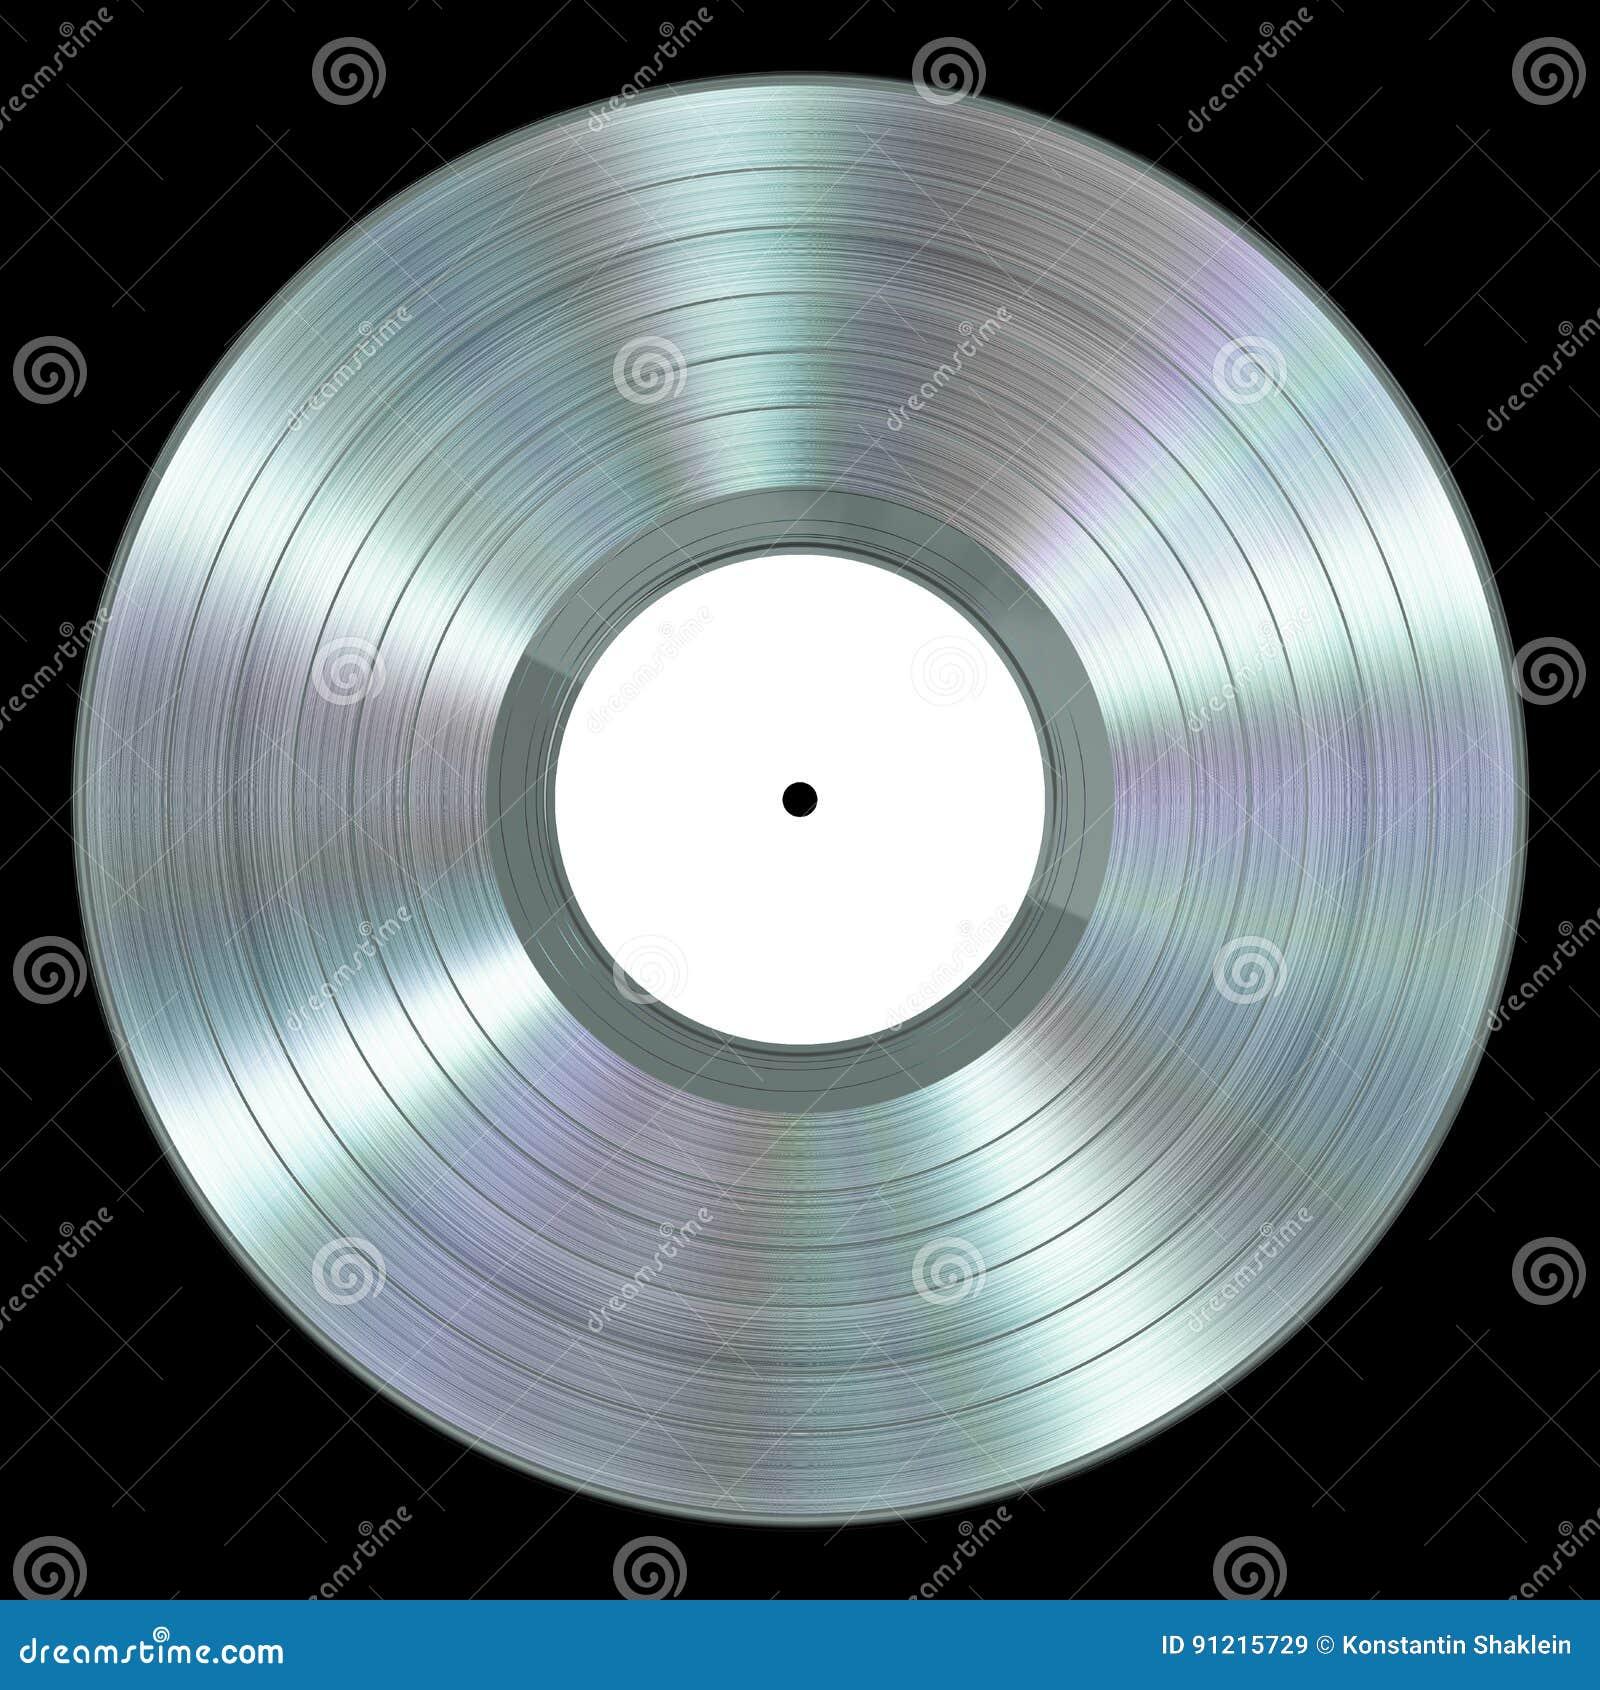 disque vinyle r aliste de platine sur le fond noir. Black Bedroom Furniture Sets. Home Design Ideas